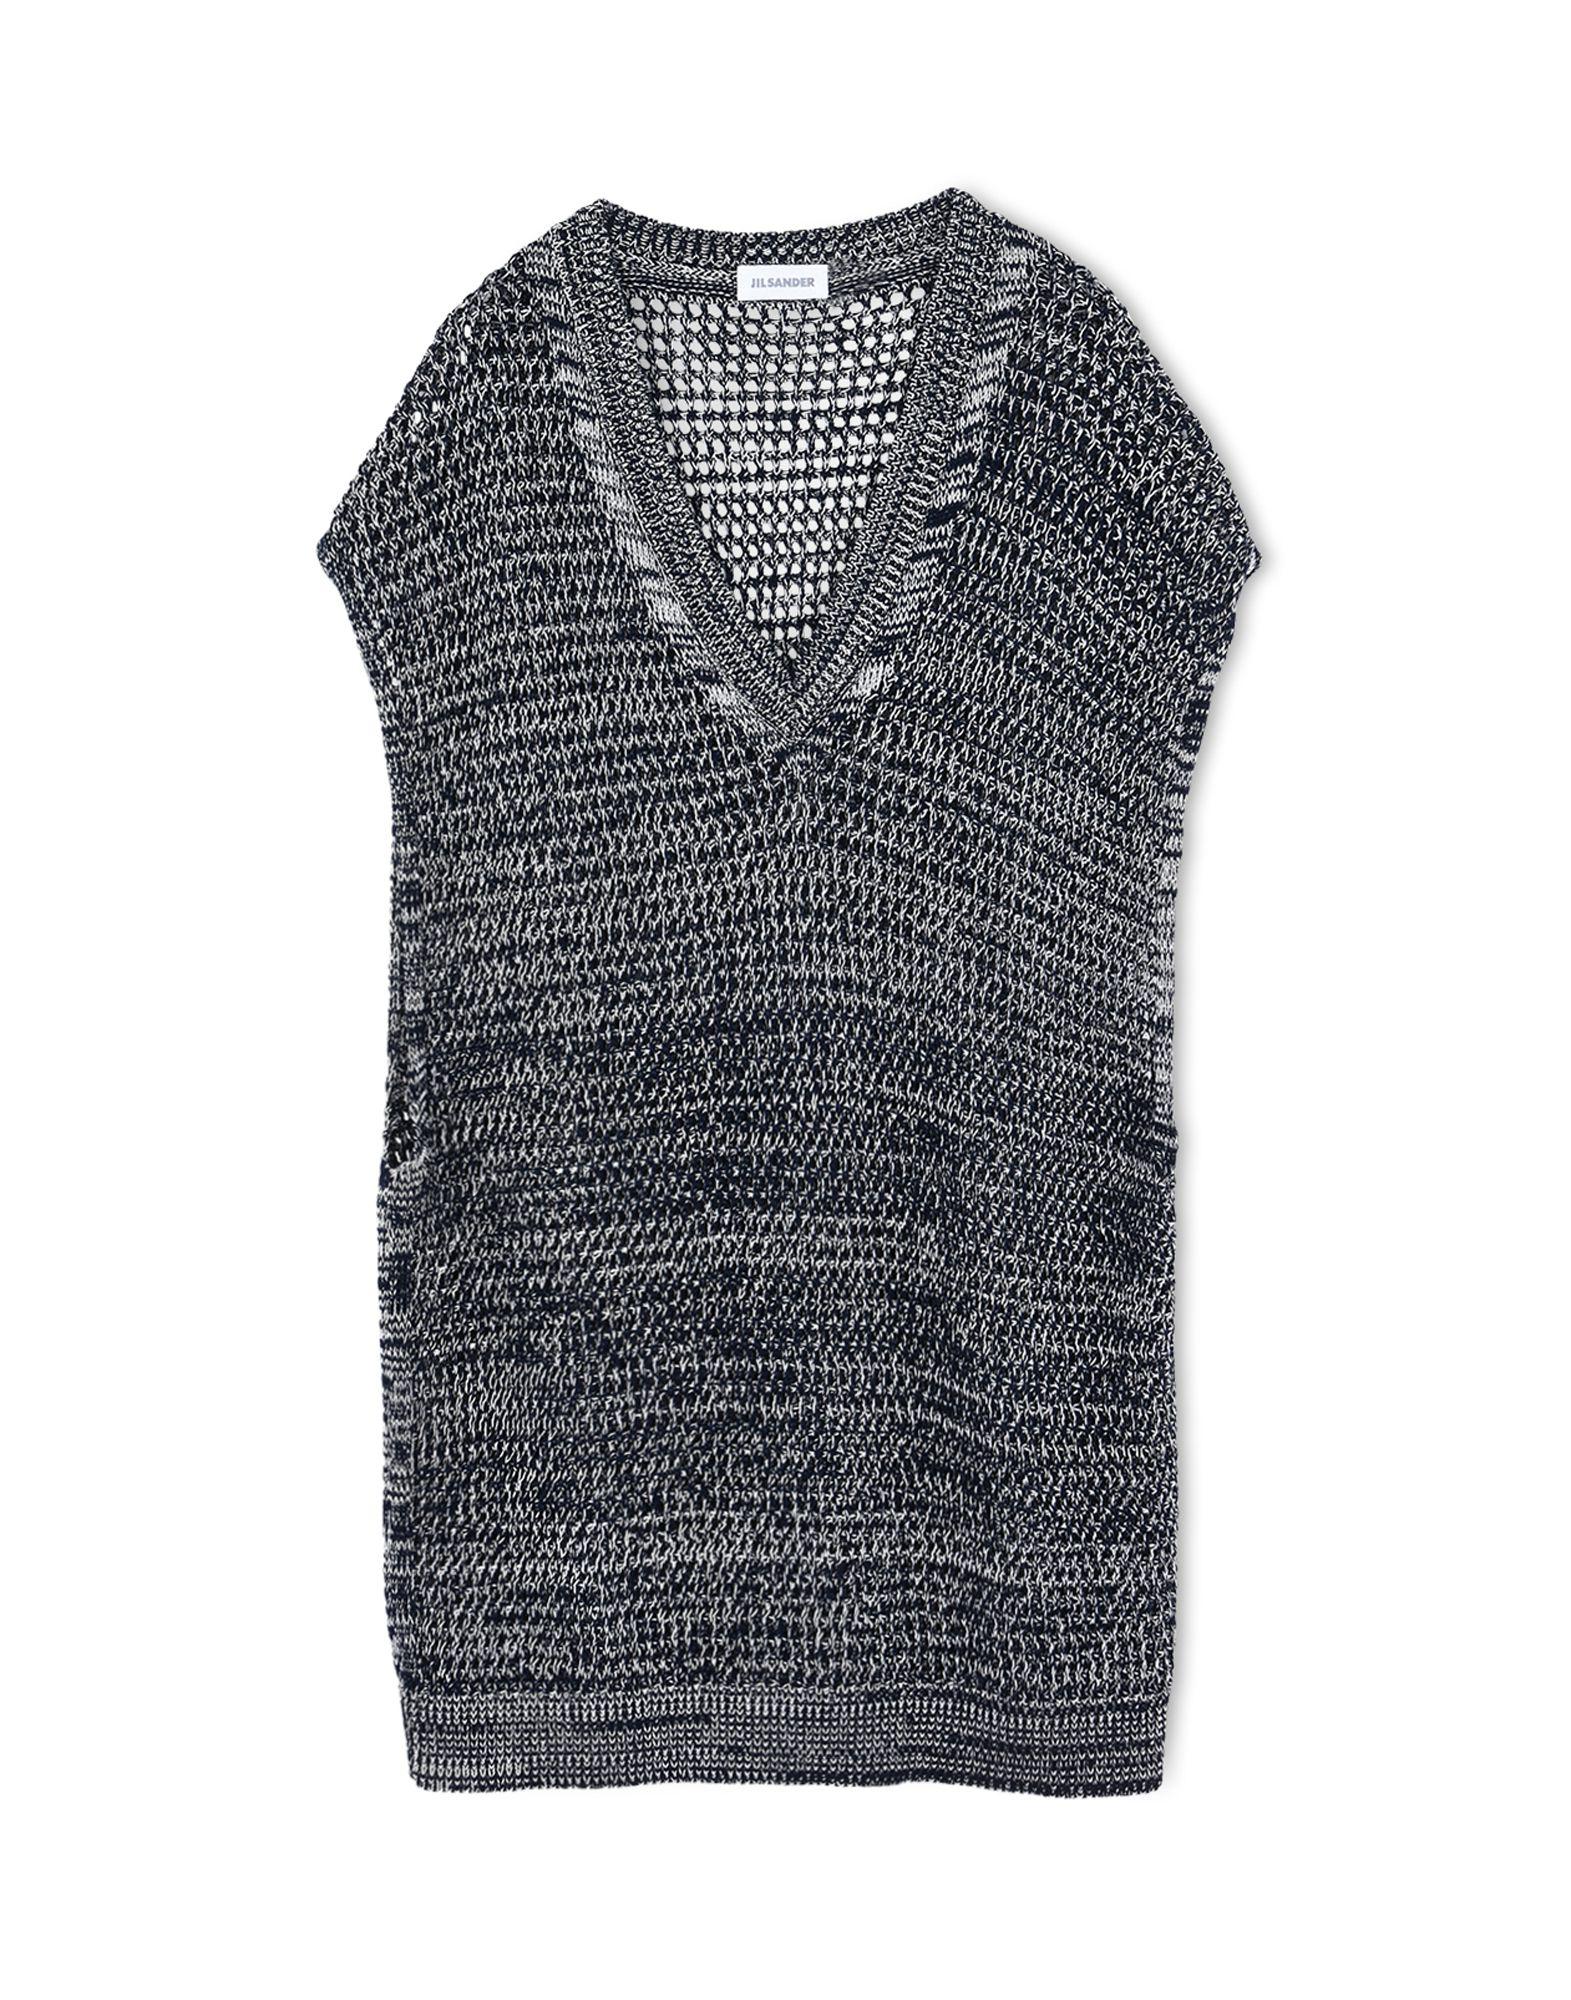 Waistcoat - JIL SANDER Online Store